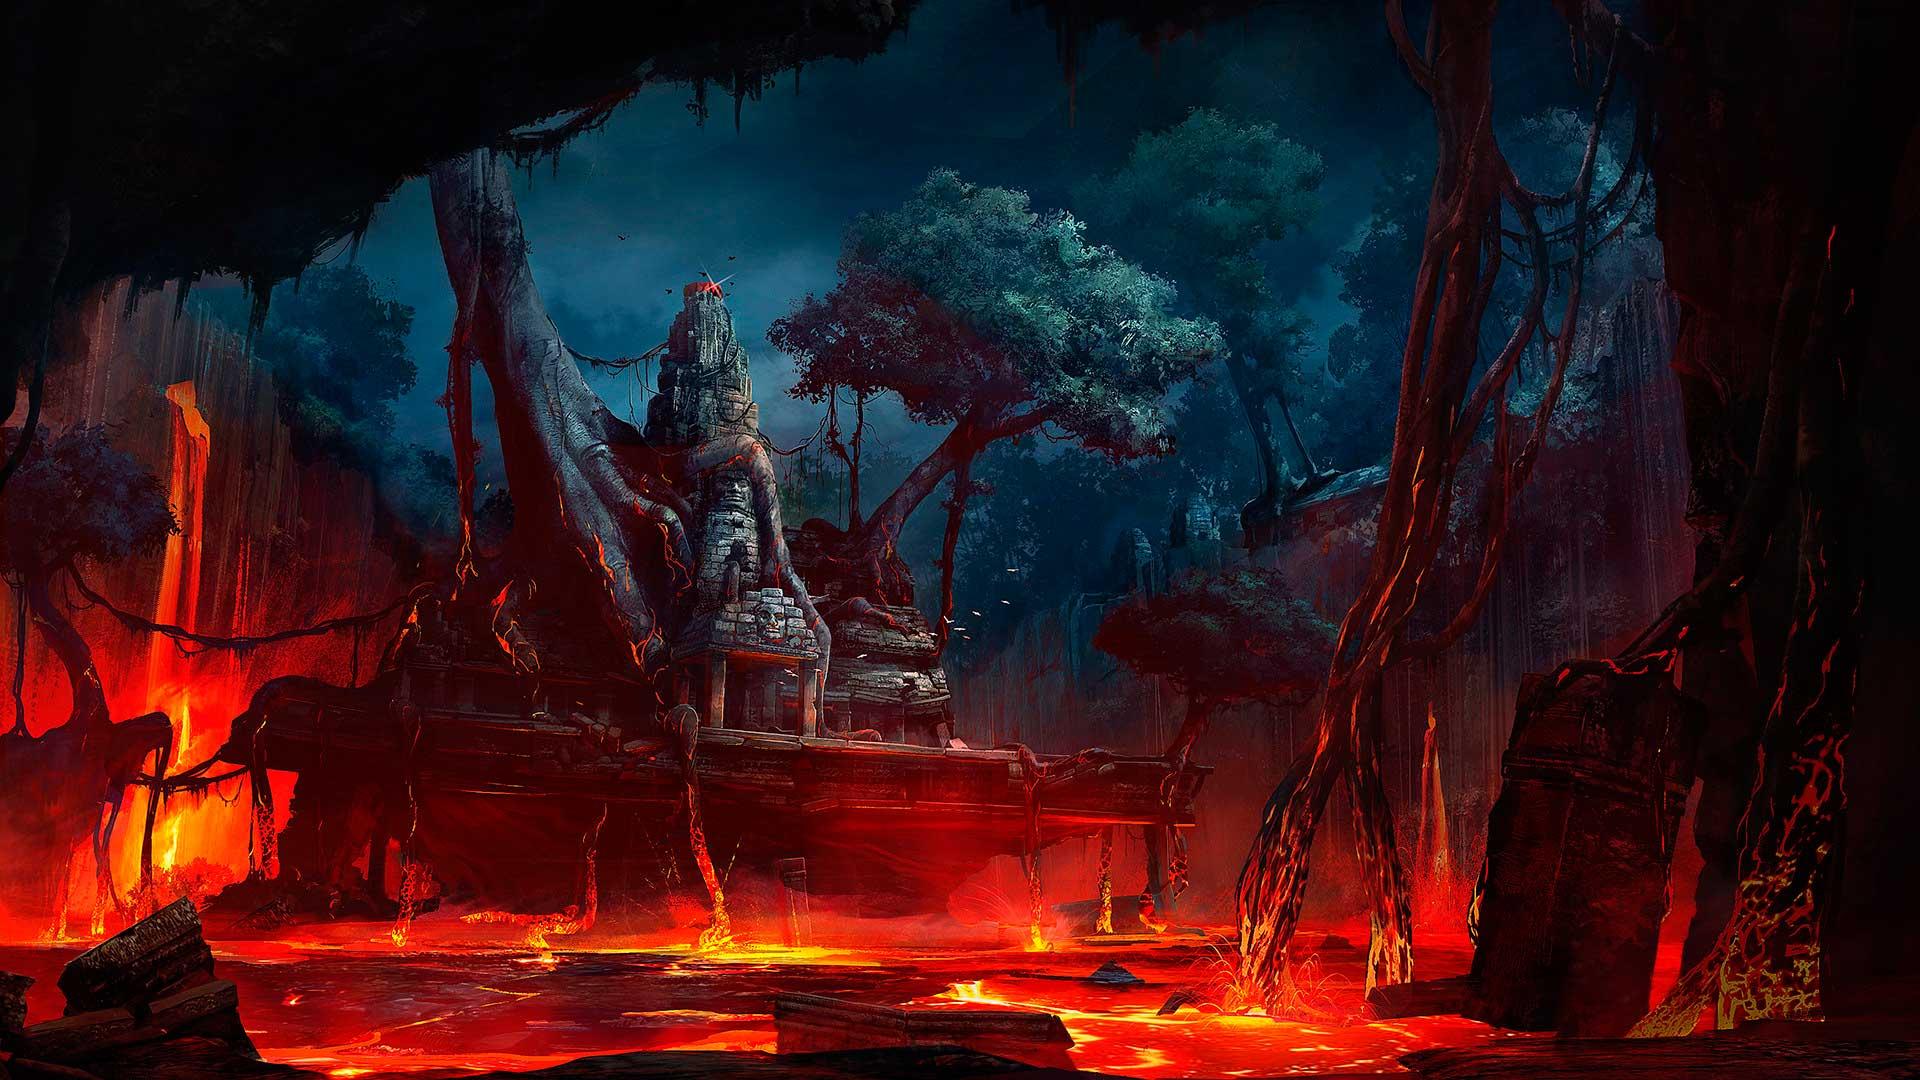 Filtrados los primeros detalles de Assassin's Creed Ragnarok, la entrega ambientada en la época vikinga 3